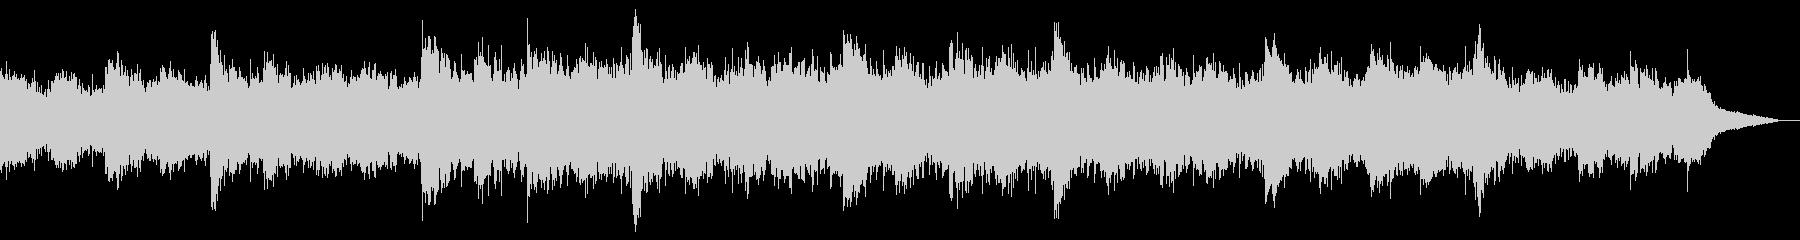 インダストリアルな機械的IDMテクスチャの未再生の波形